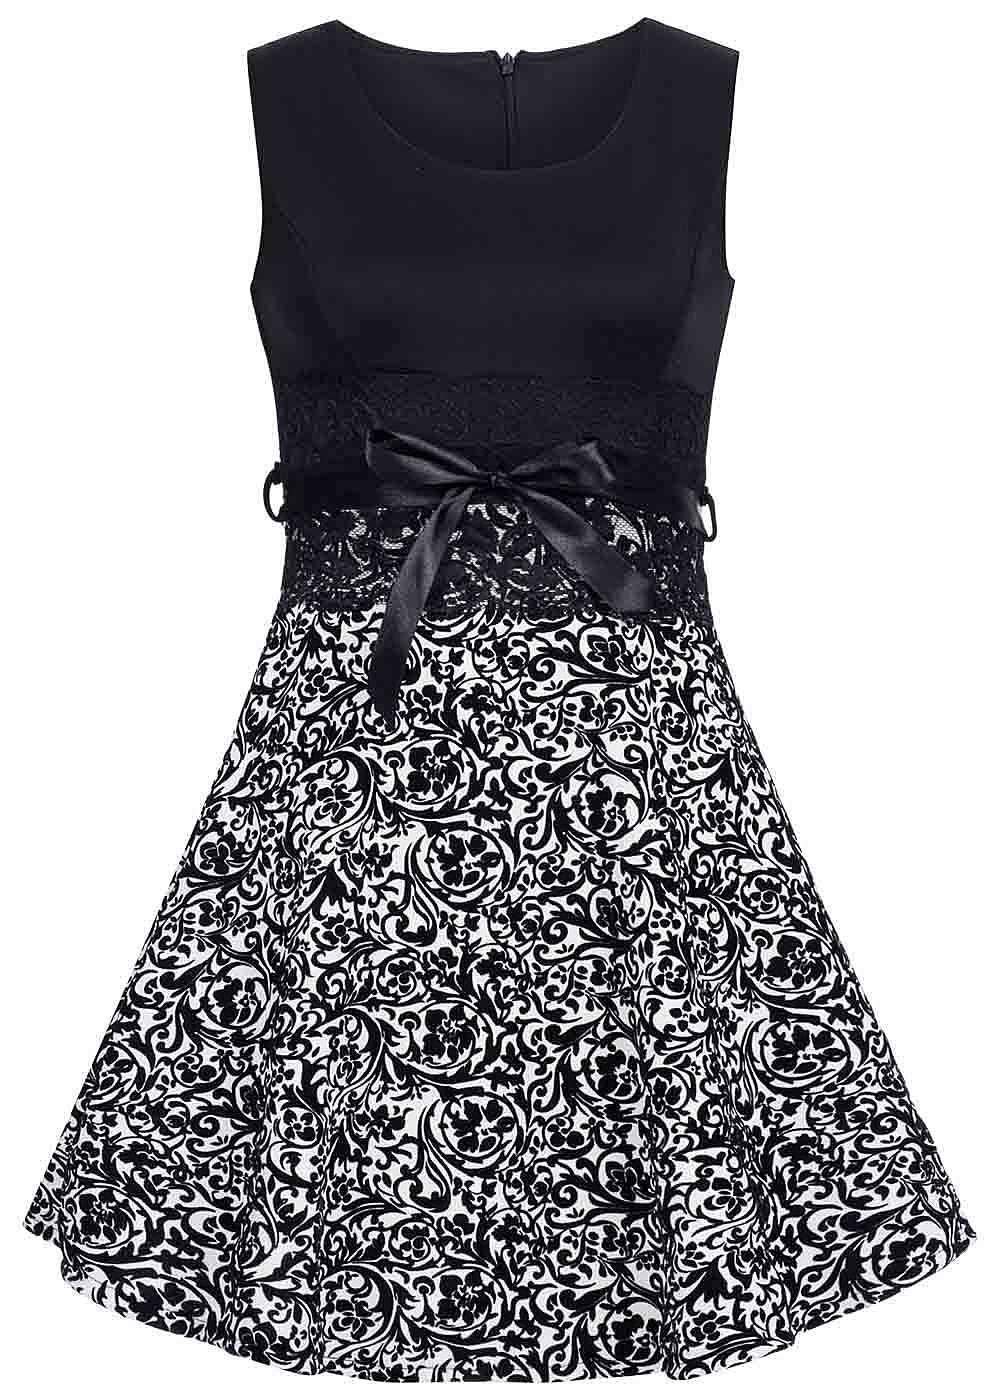 06bc5f92377 styleboom fashion damen mini kleid florales muster spitze bindeband schwarz weiss  77onlineshop